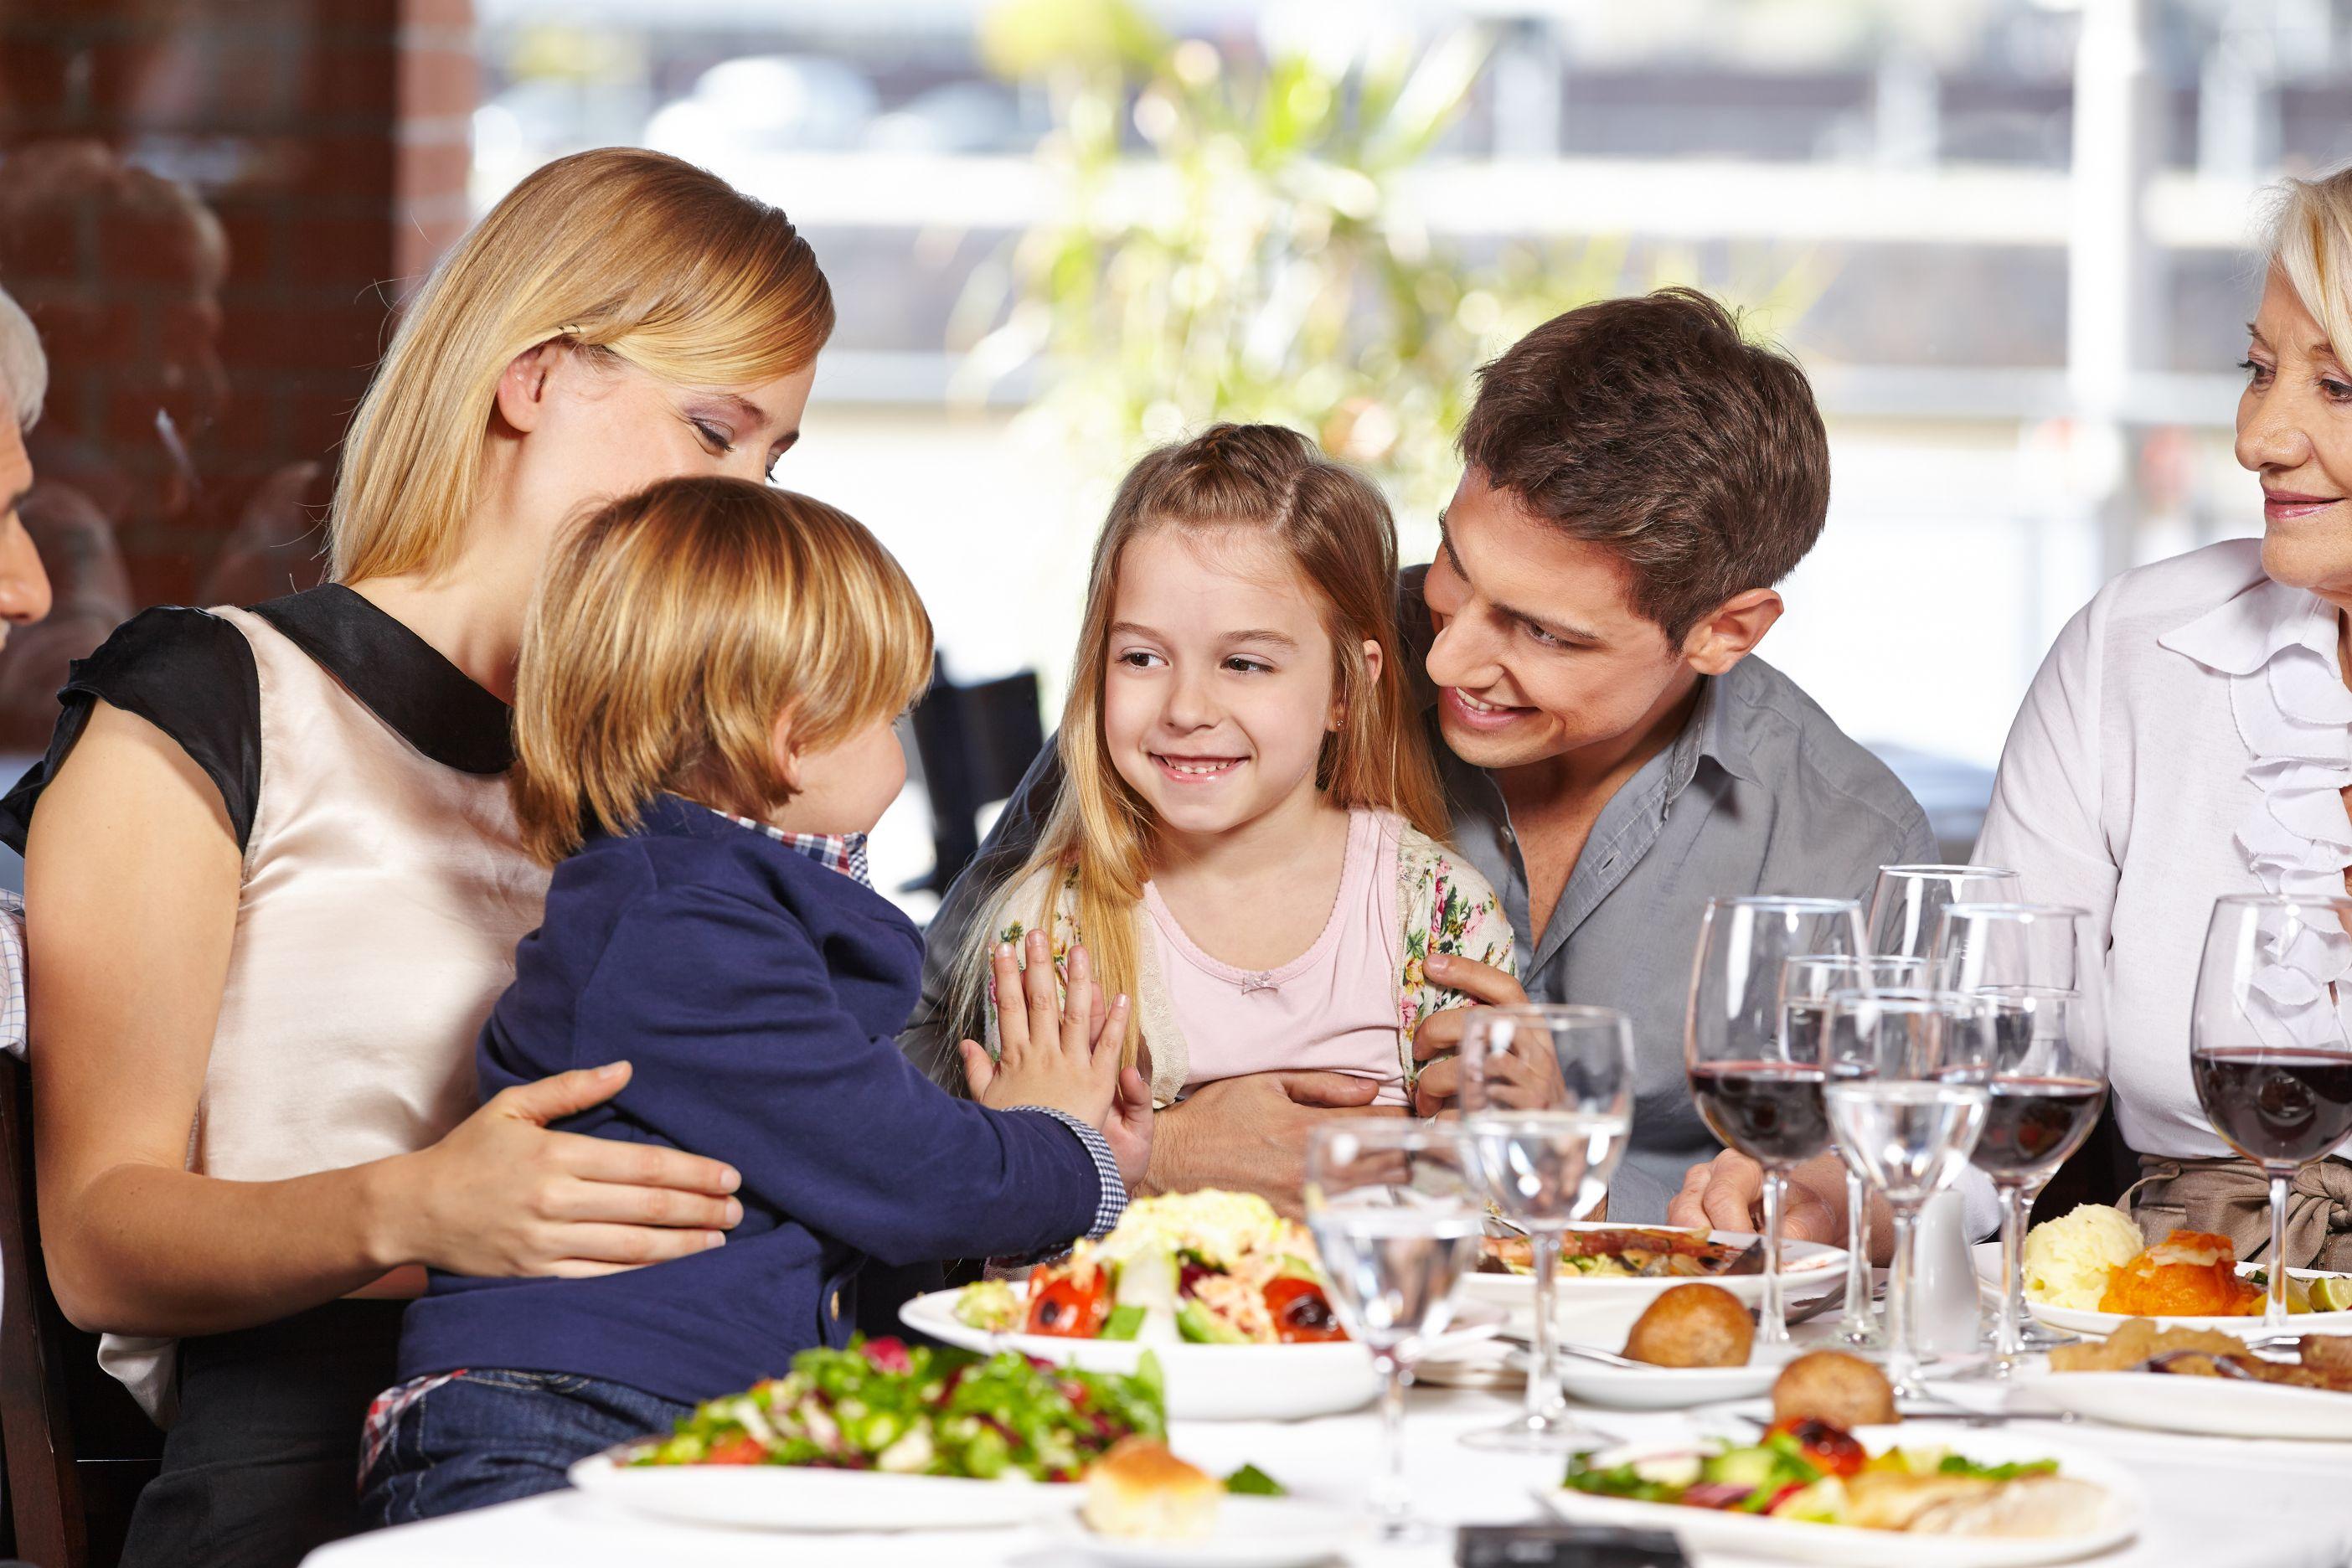 Restaurant - Family